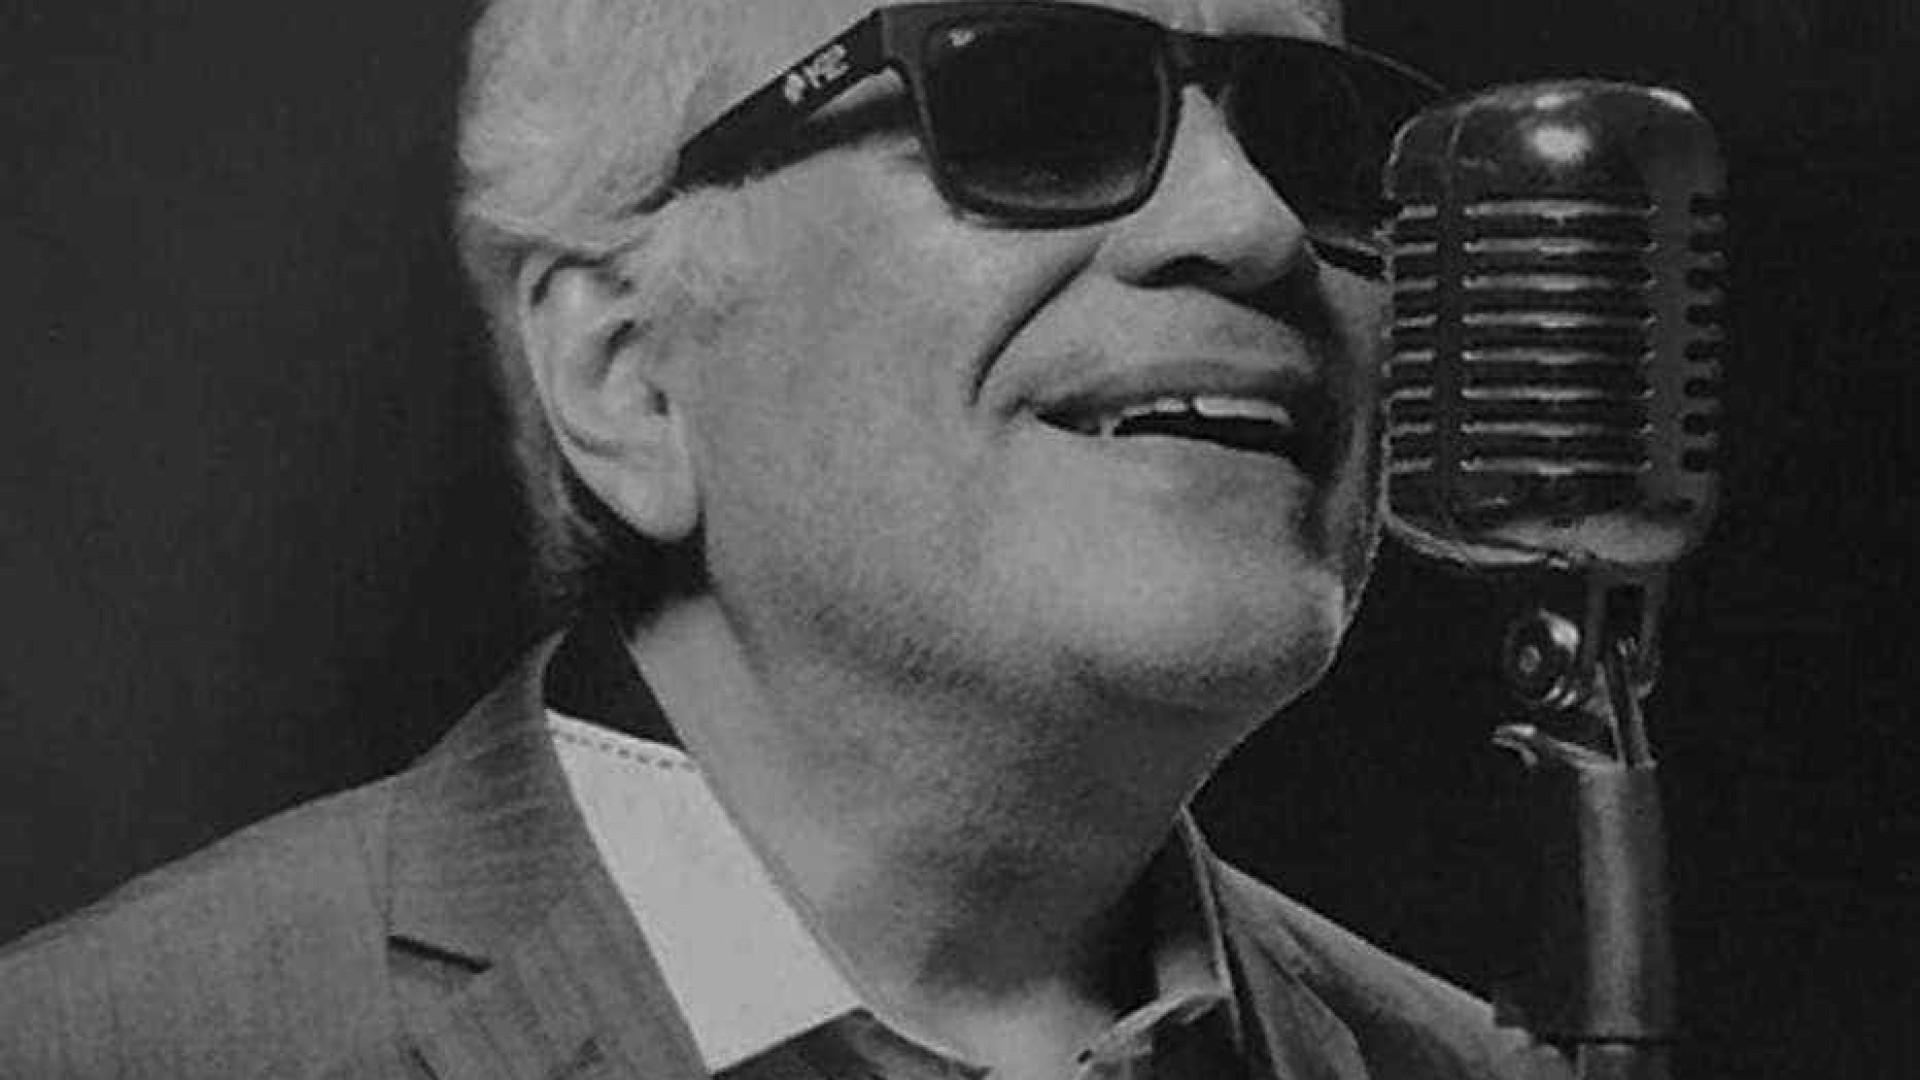 Morre Sérgio Sá, autor de canções de Roberto Carlos e Tim Maia